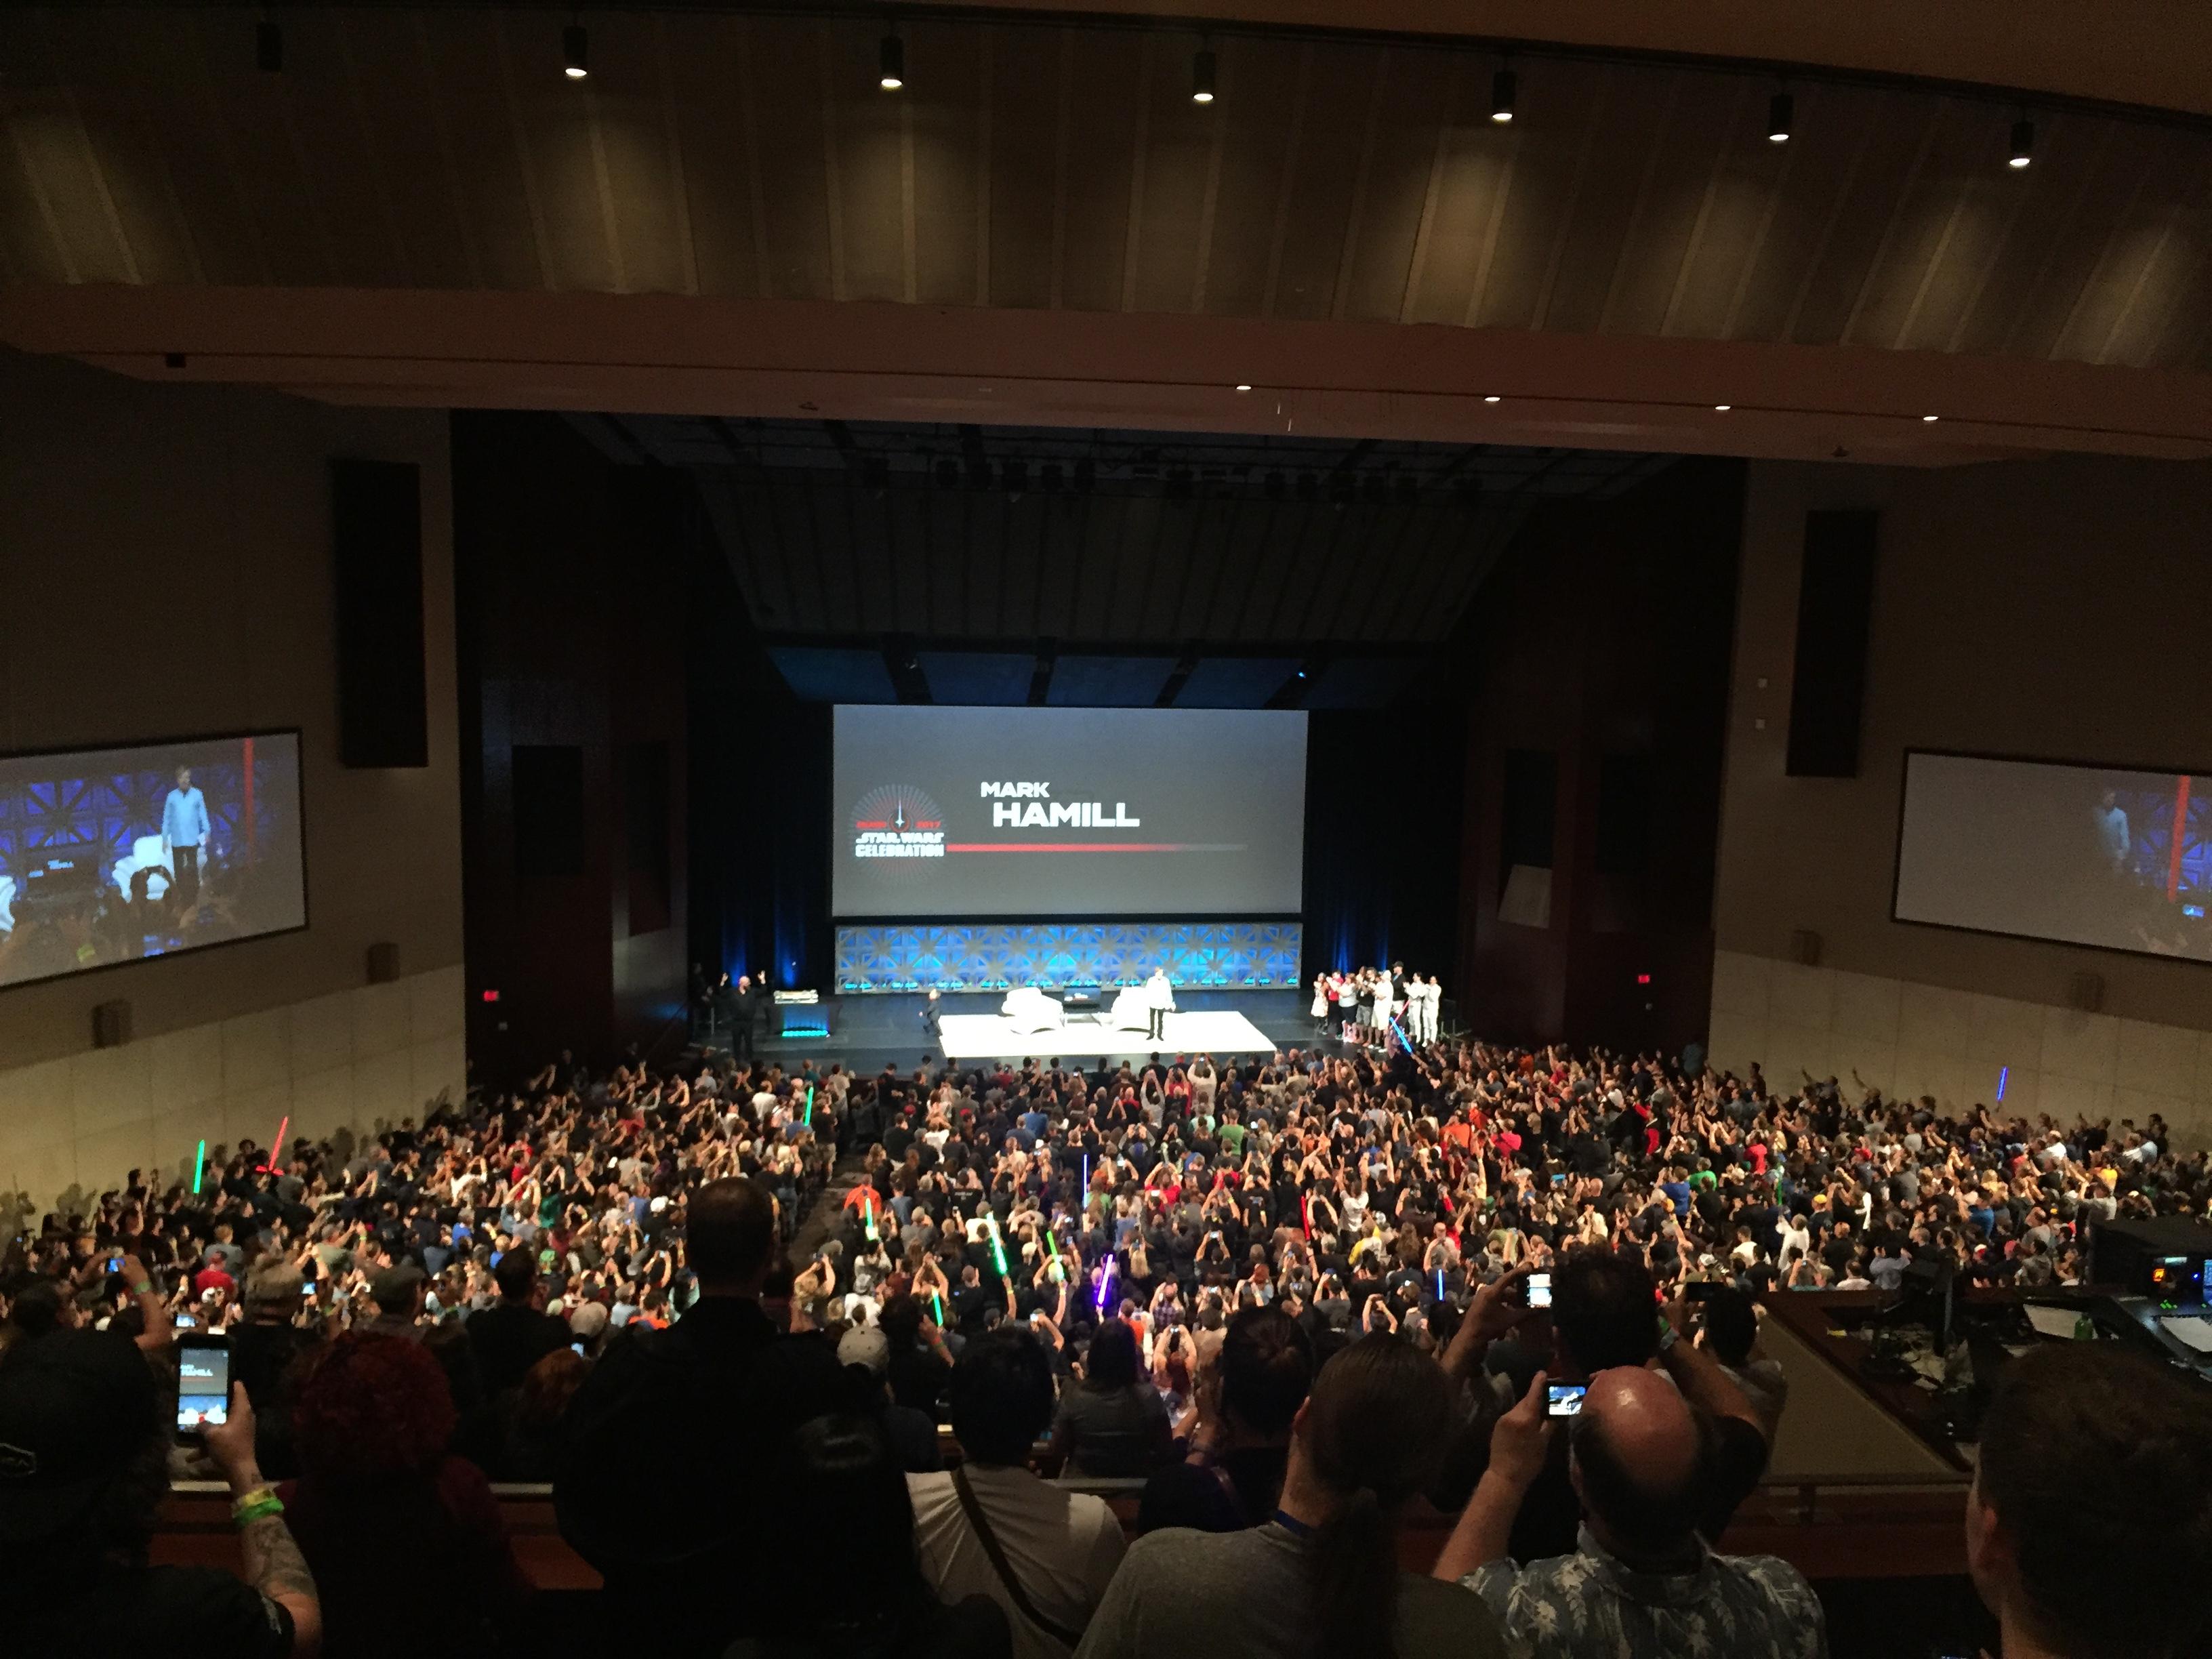 Uno de los auditorios del centro de convenciones de Orlando se llenó para el tributo a Carrie Fisher.